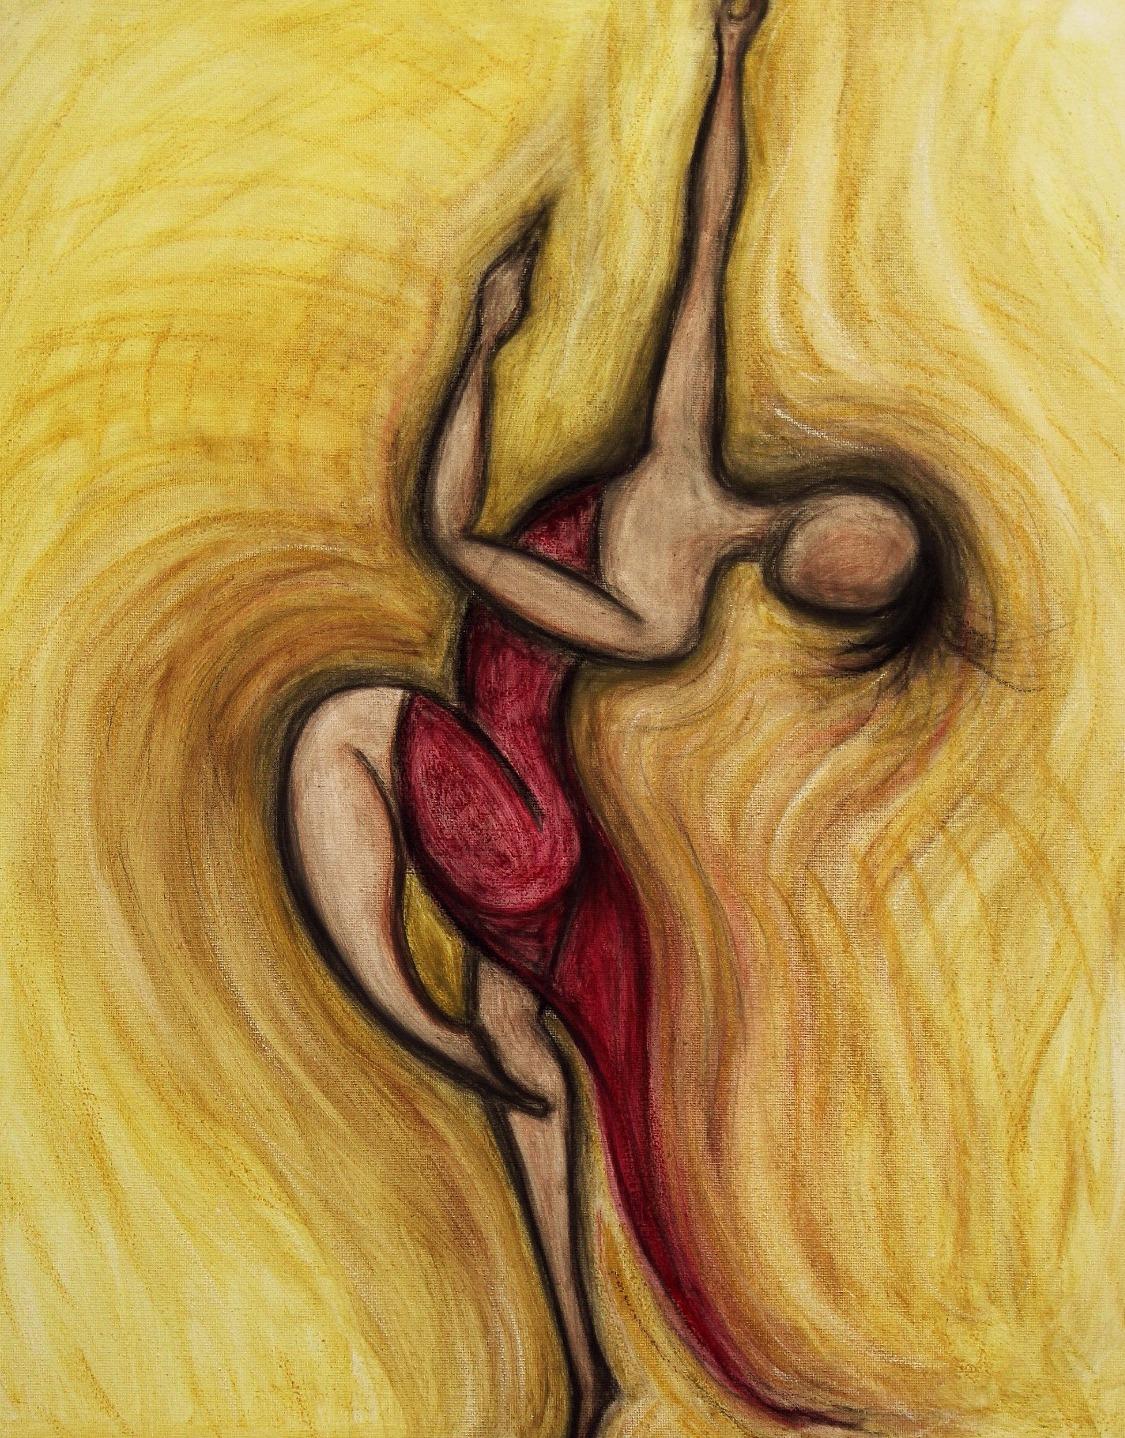 dancer in fiery red